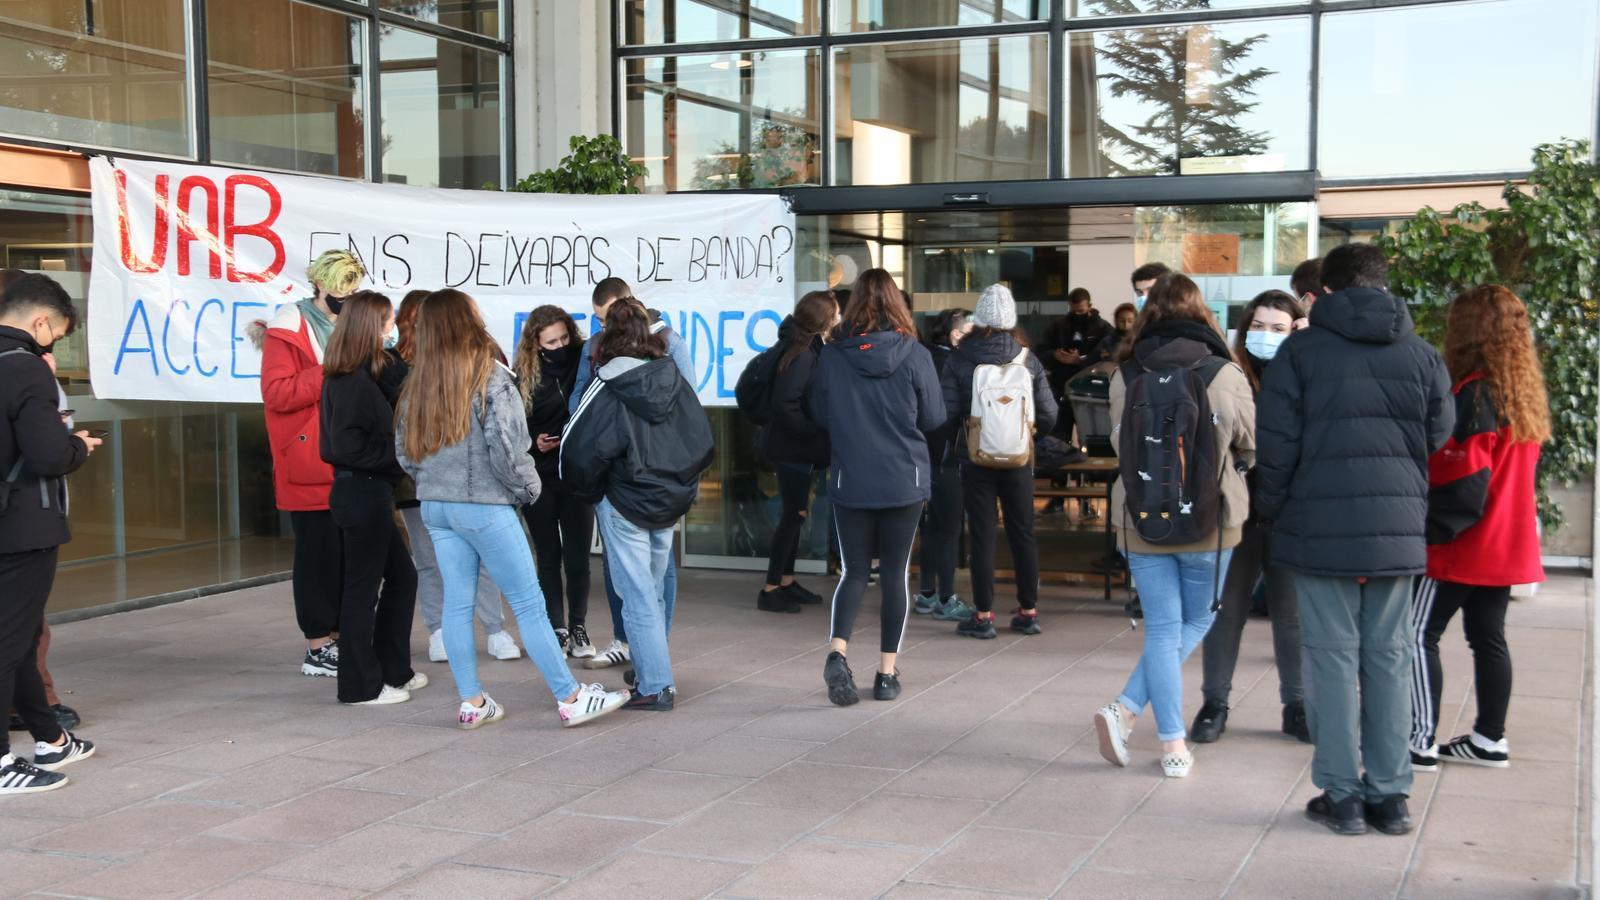 Membres del Sindicat d'Estudiants dels Països Catalans bloquegen l'entrada de l'edifici del Rectorat de la Universitat Autònoma de Barcelona, el 21 de desembre de 2020.